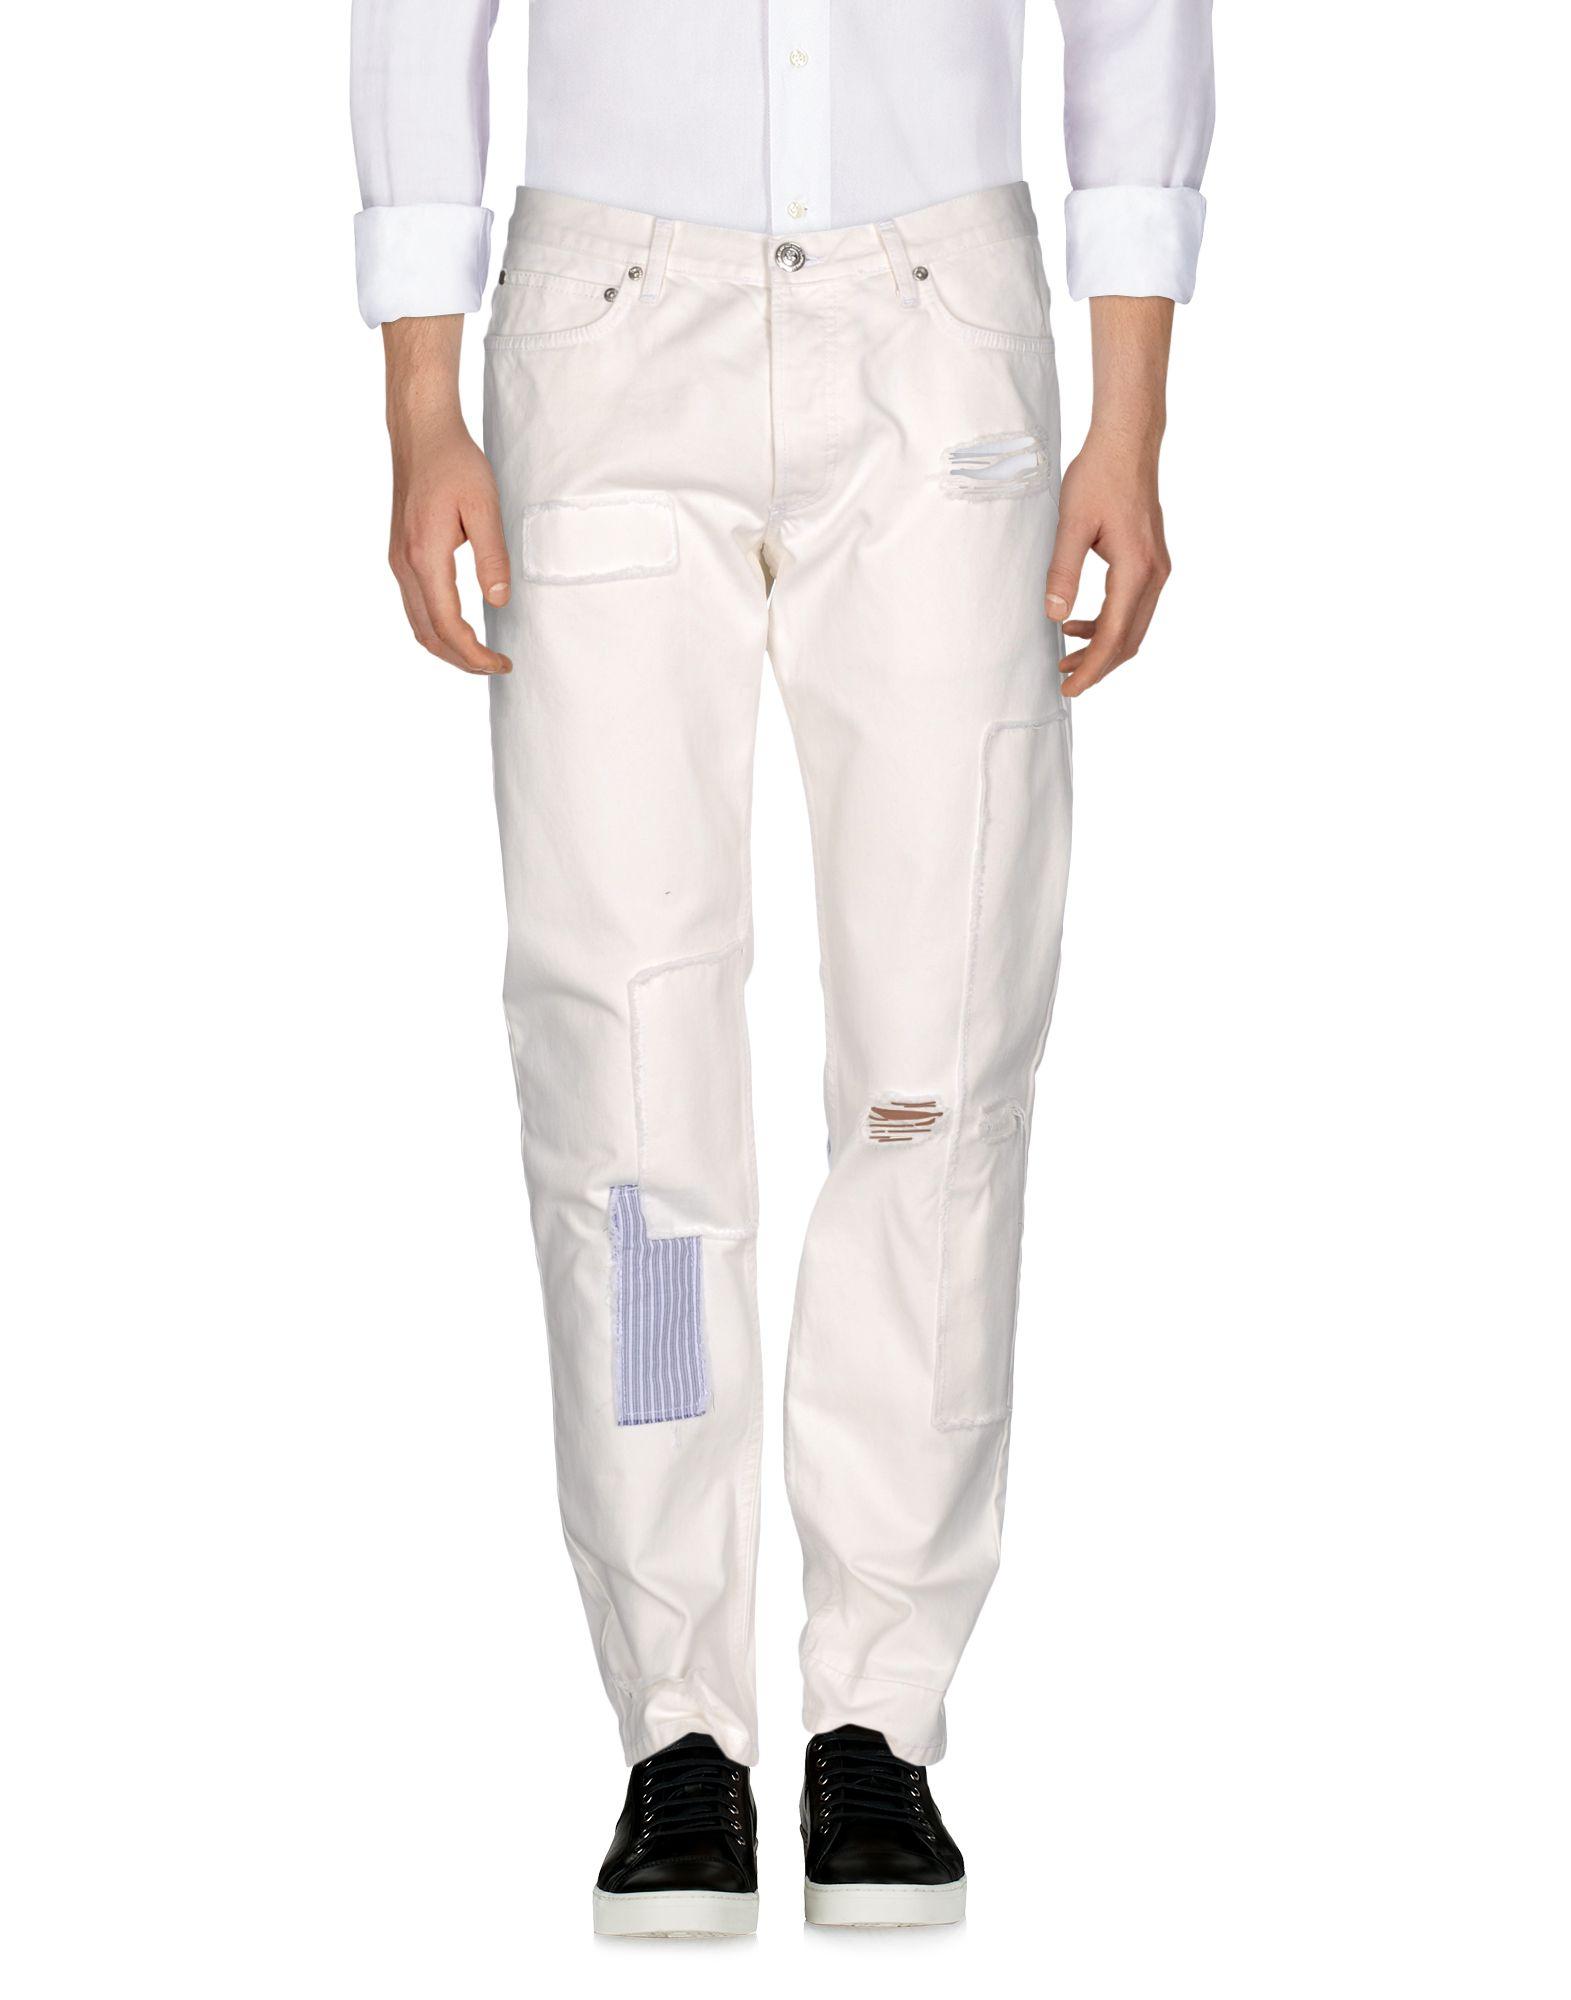 цены на SOULLAND Джинсовые брюки в интернет-магазинах